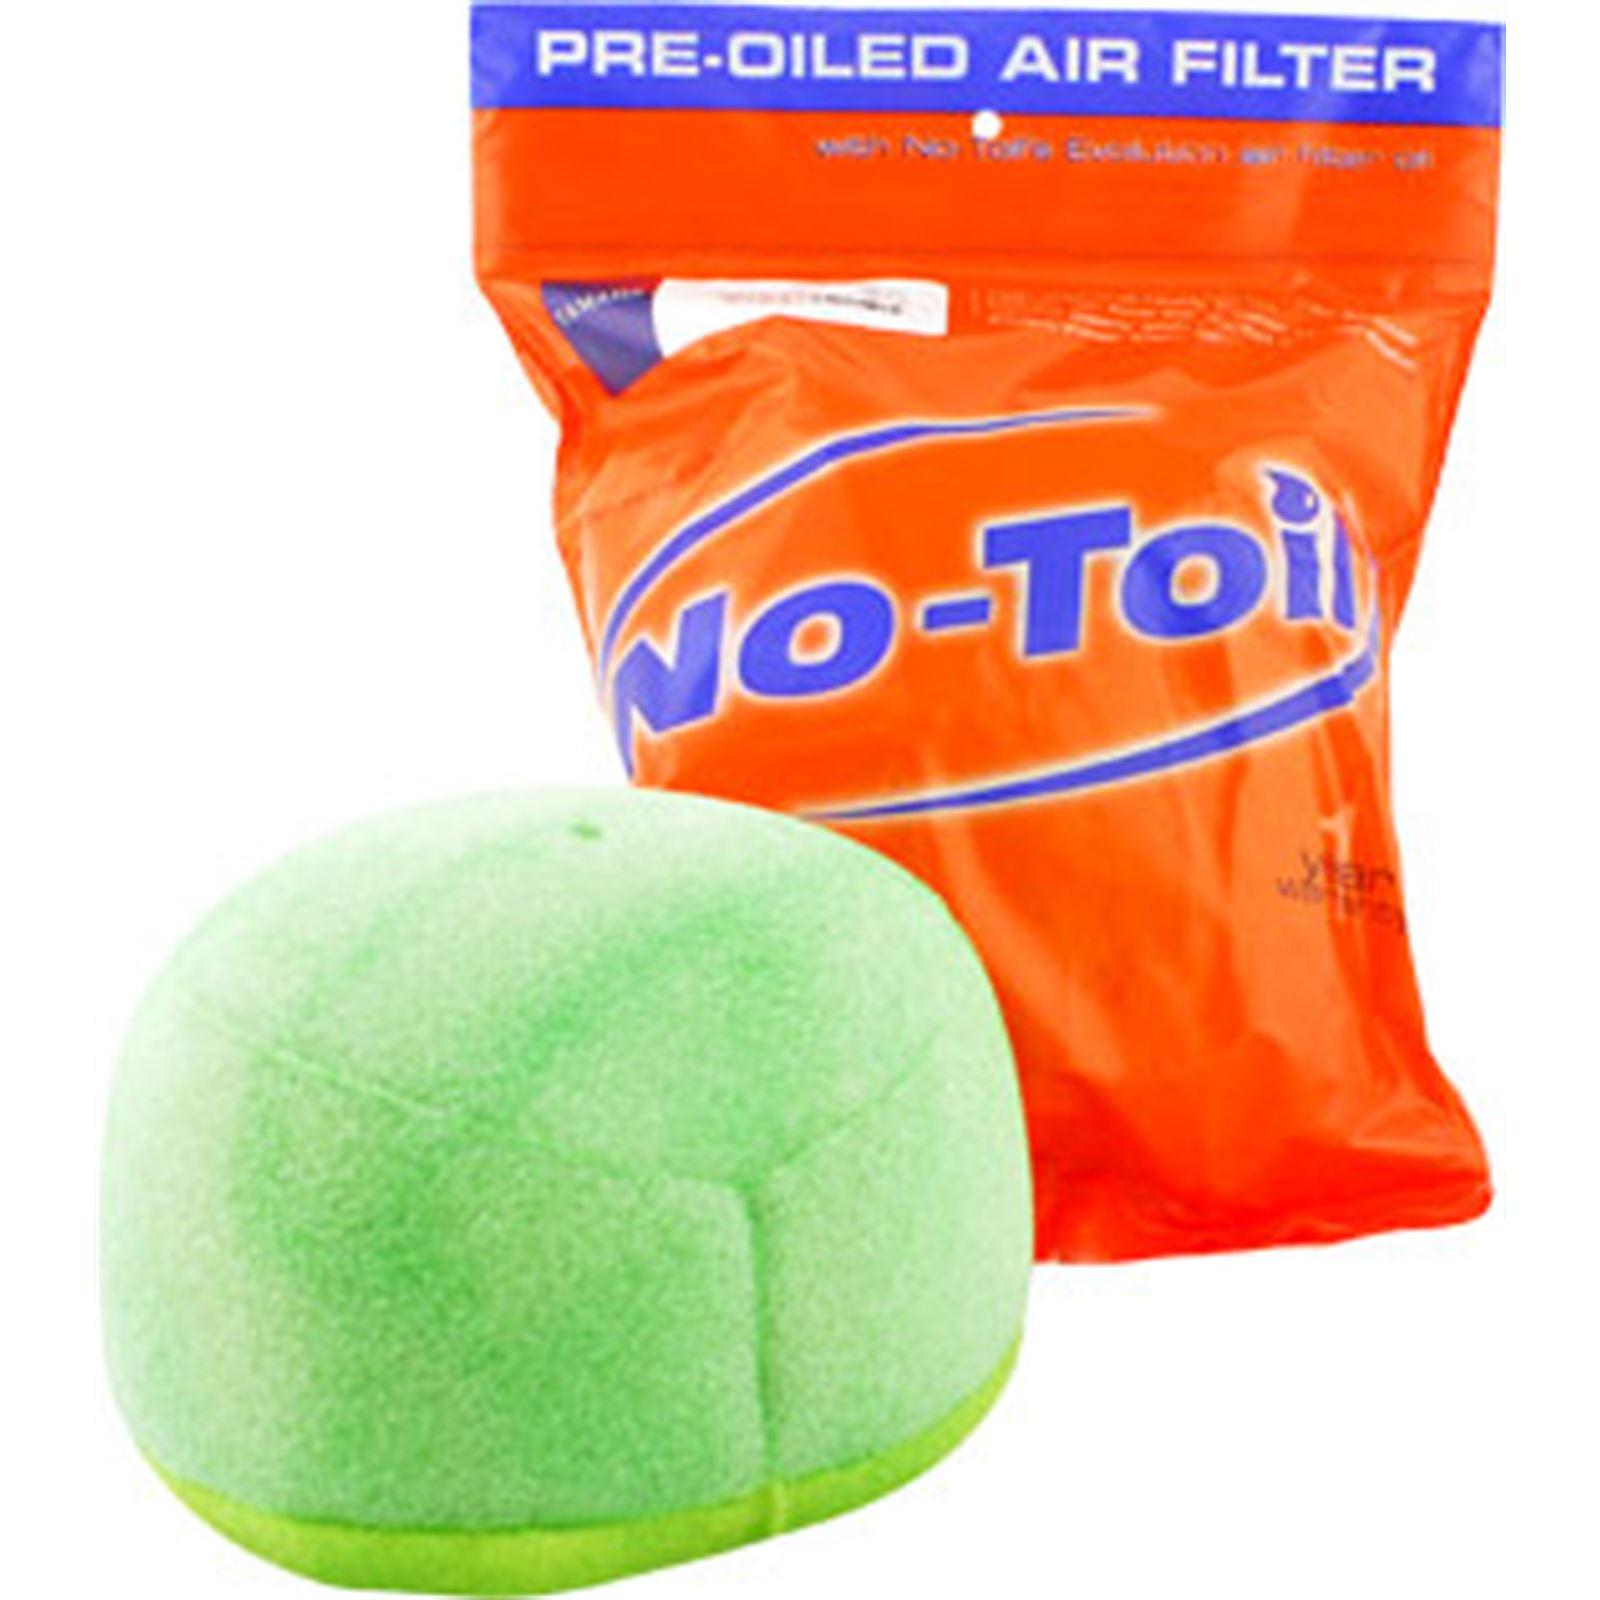 No Toil Pre-Oiled Filter